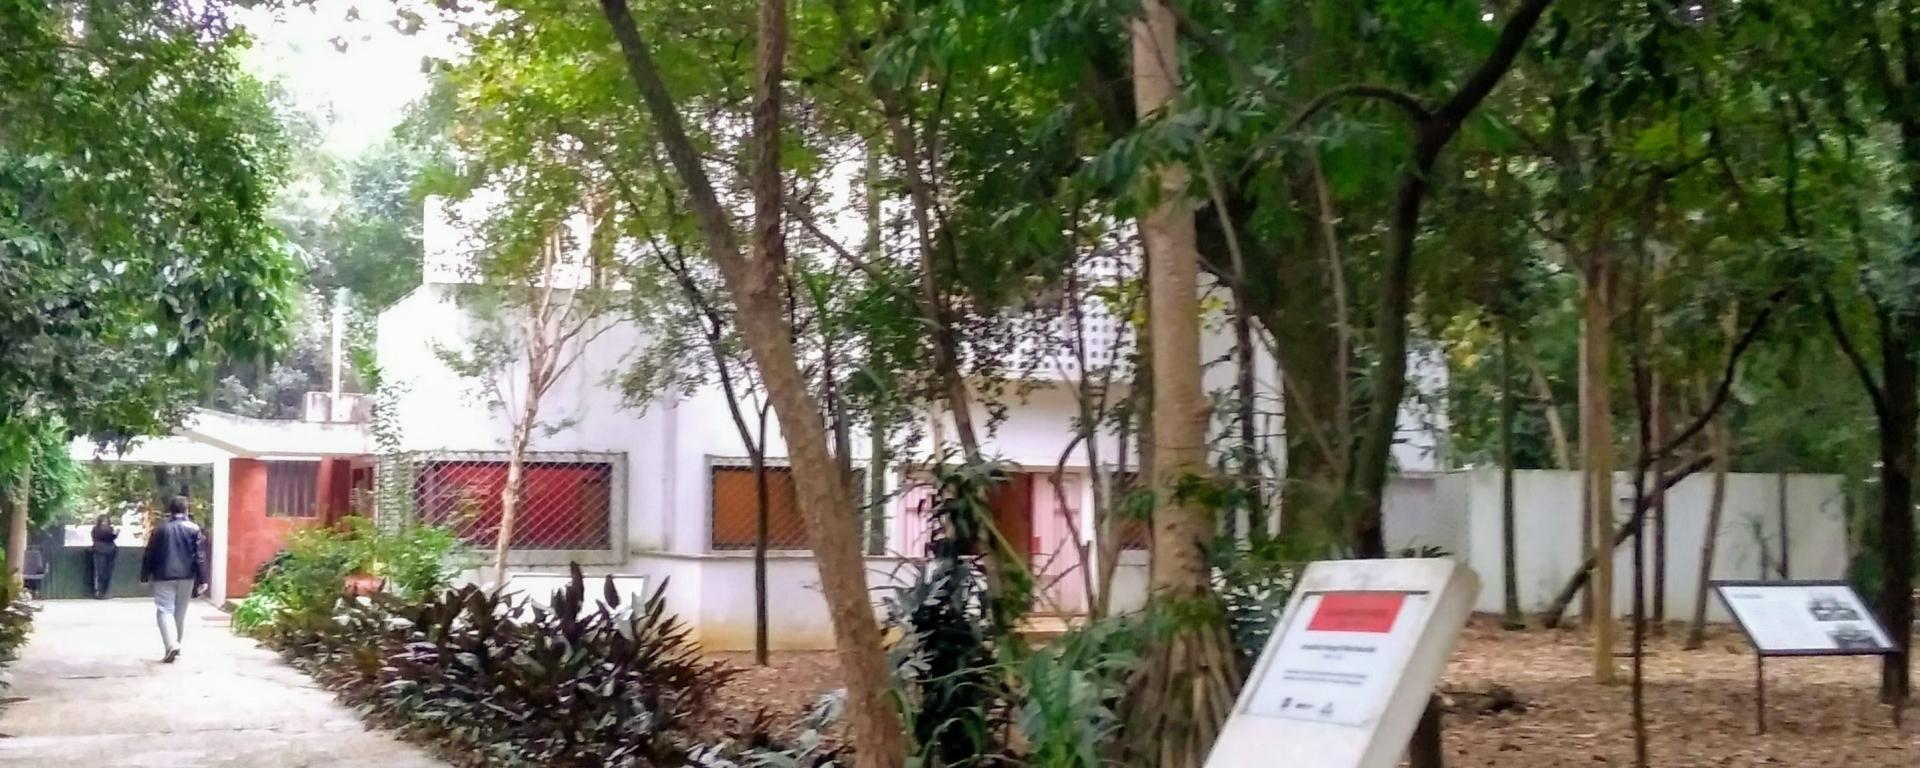 Parque e Casa Modernista - Rua Santa Cruz - SP